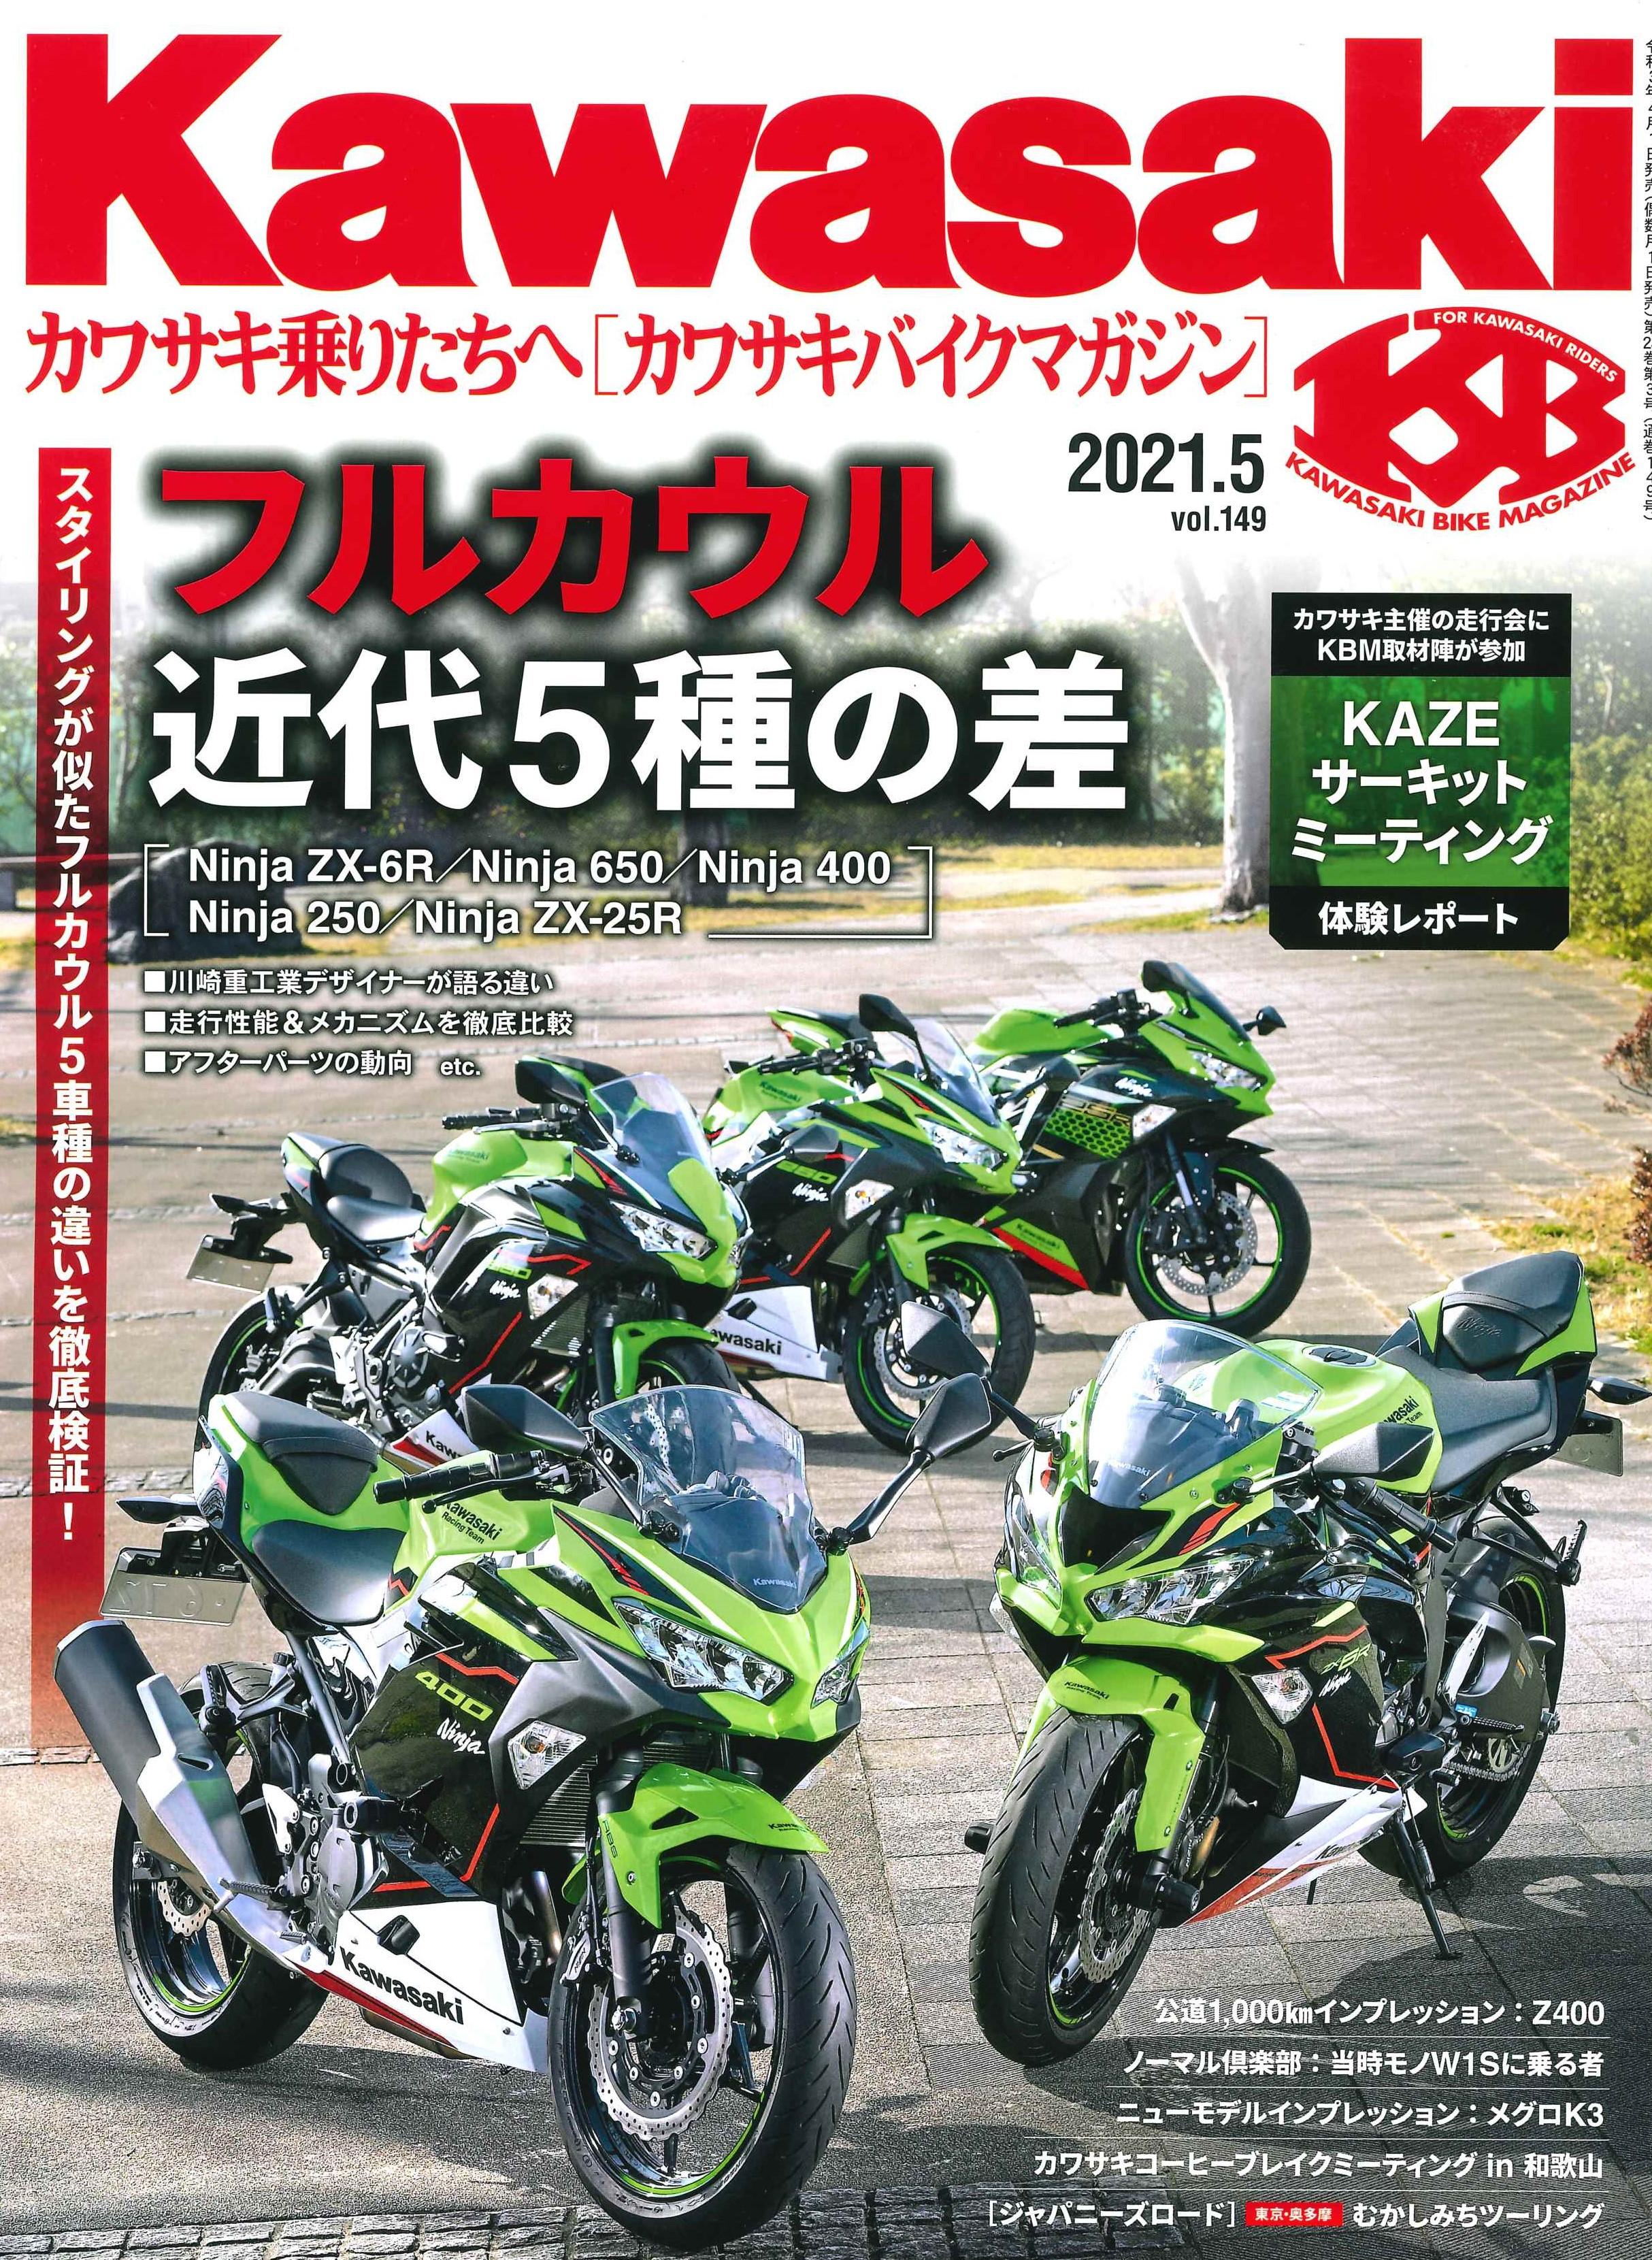 【カワサキバイクマガジン 2021年5月号掲載】バイク用インカム「B+COM ONE」